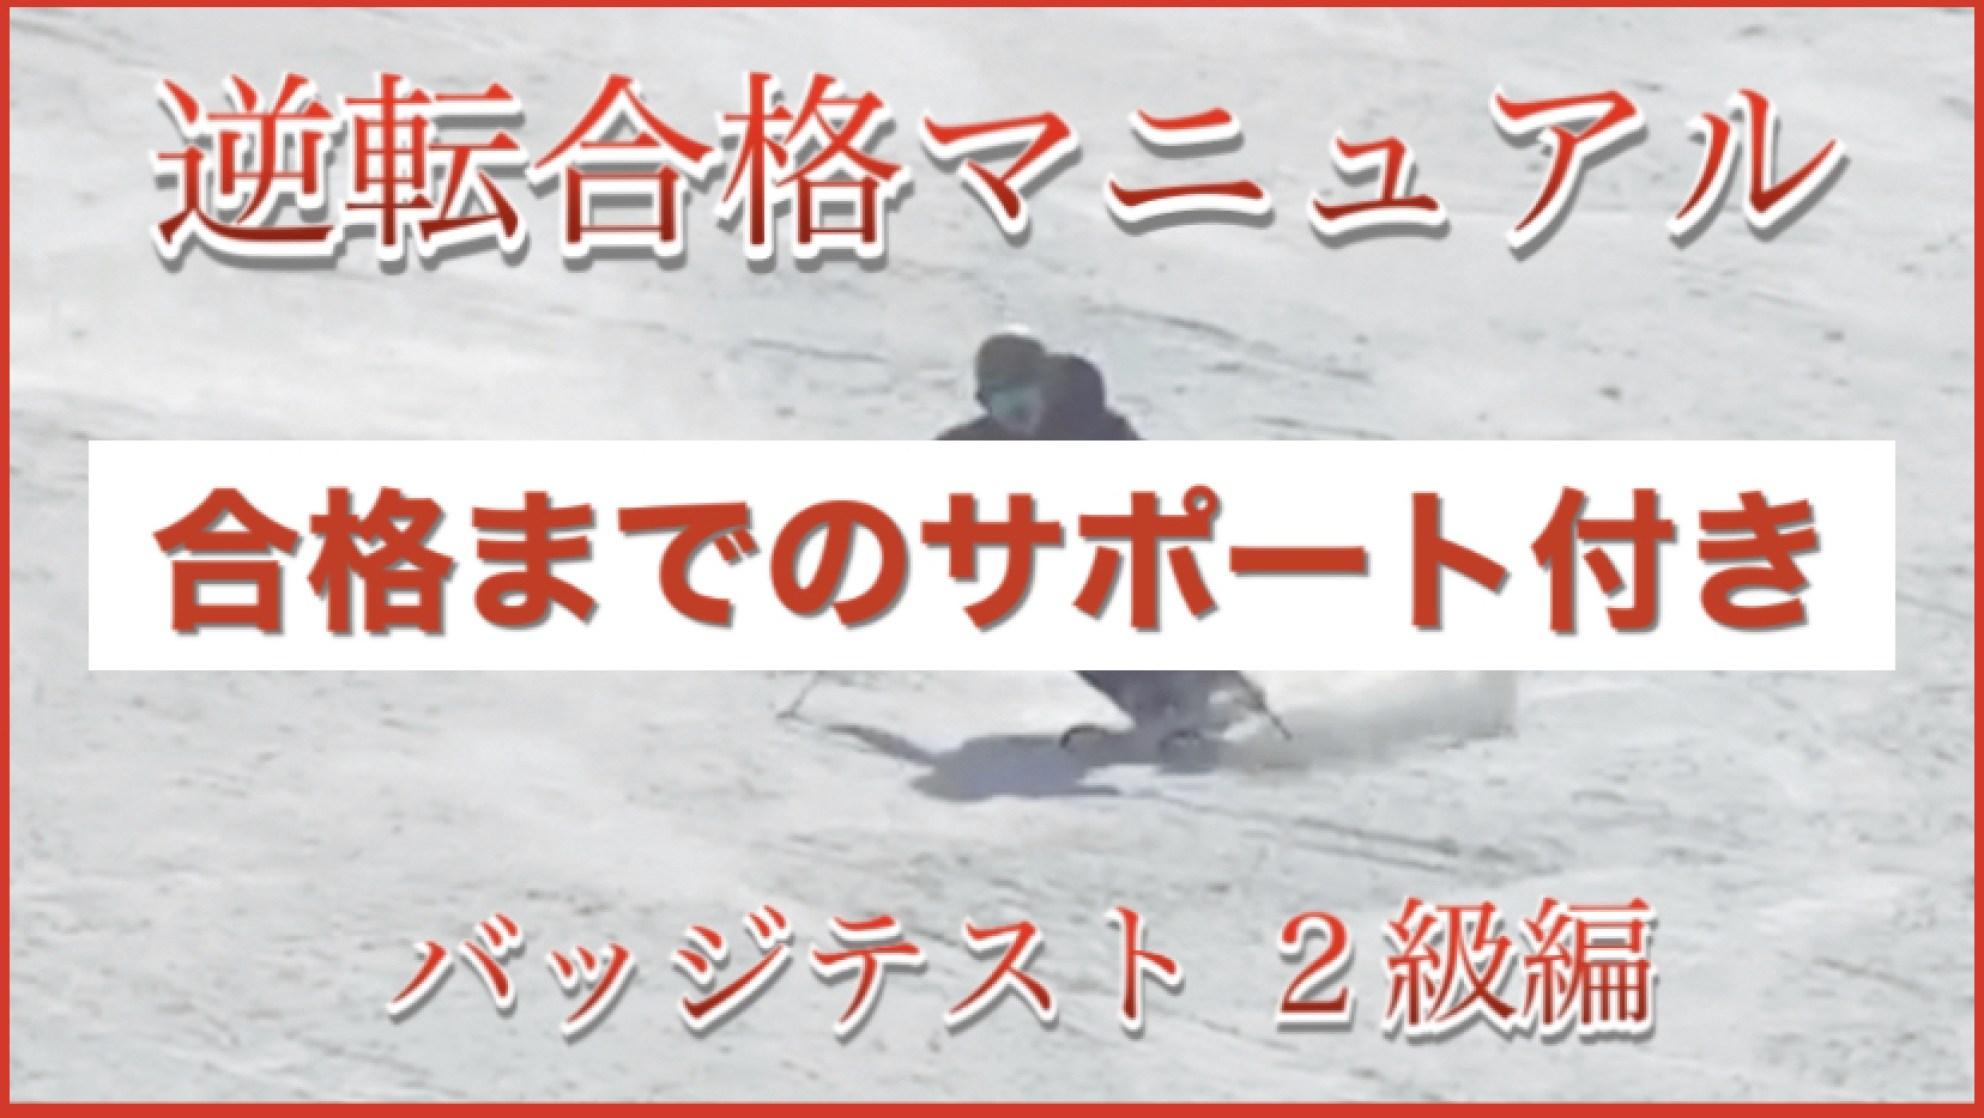 【合格までLINEで個別サポート付き】スキーバッジテスト逆転合格マニュアル!動画も付いた超特大ボリューム!【2級検定編】